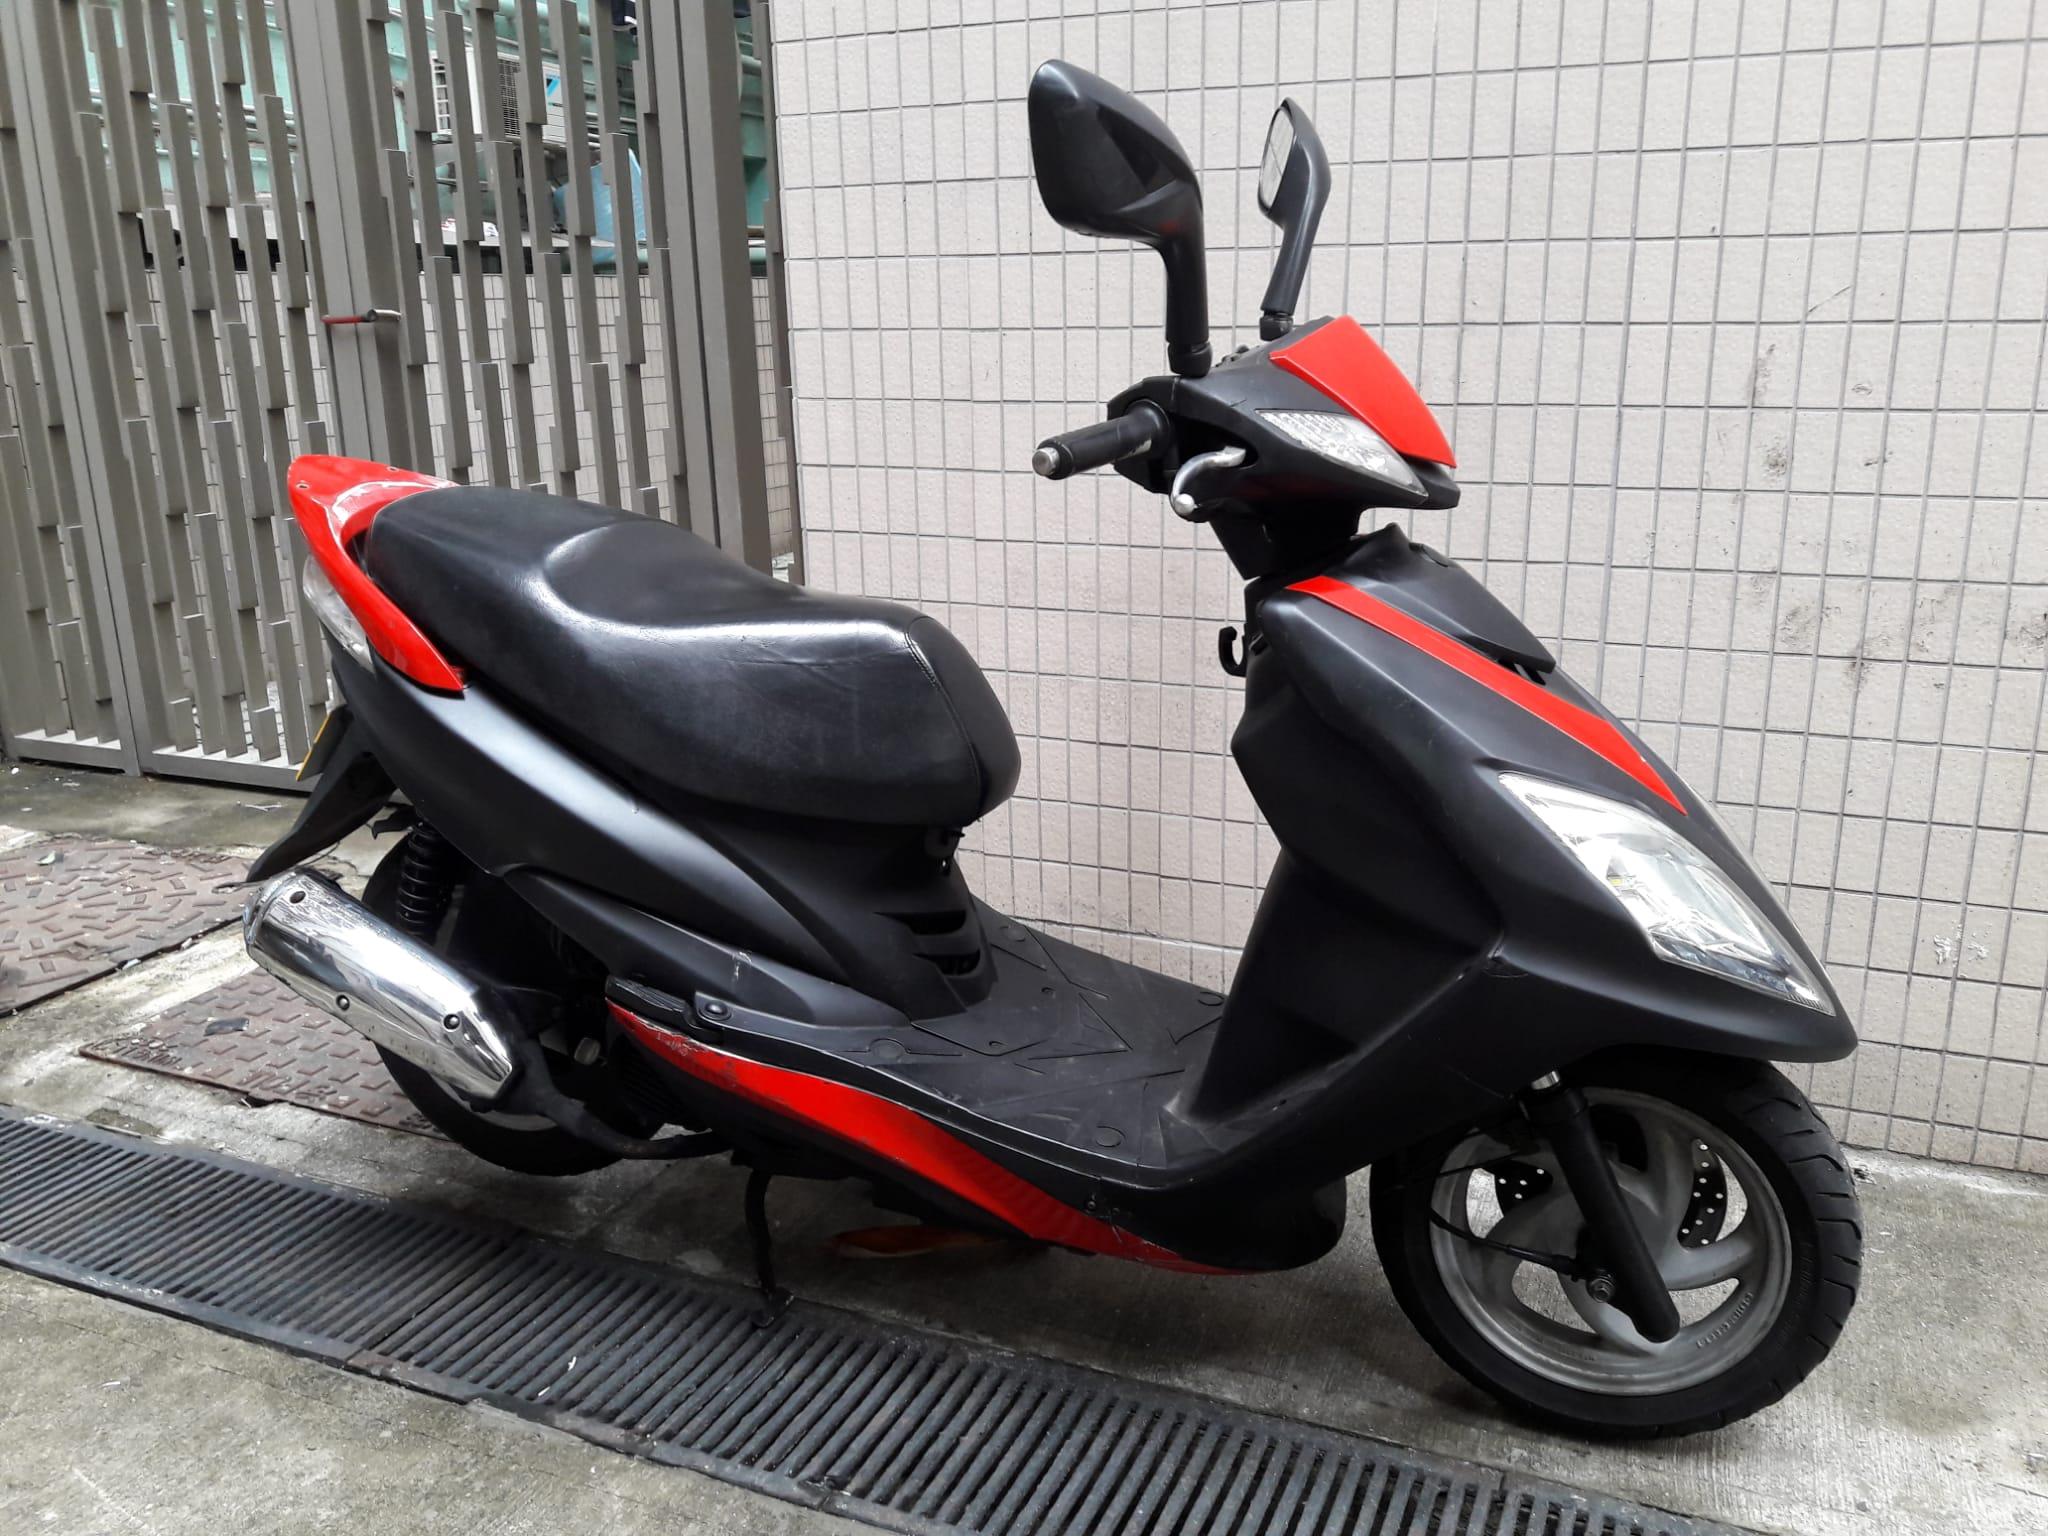 SYM fighter150 2006    -「Webike摩托車市」